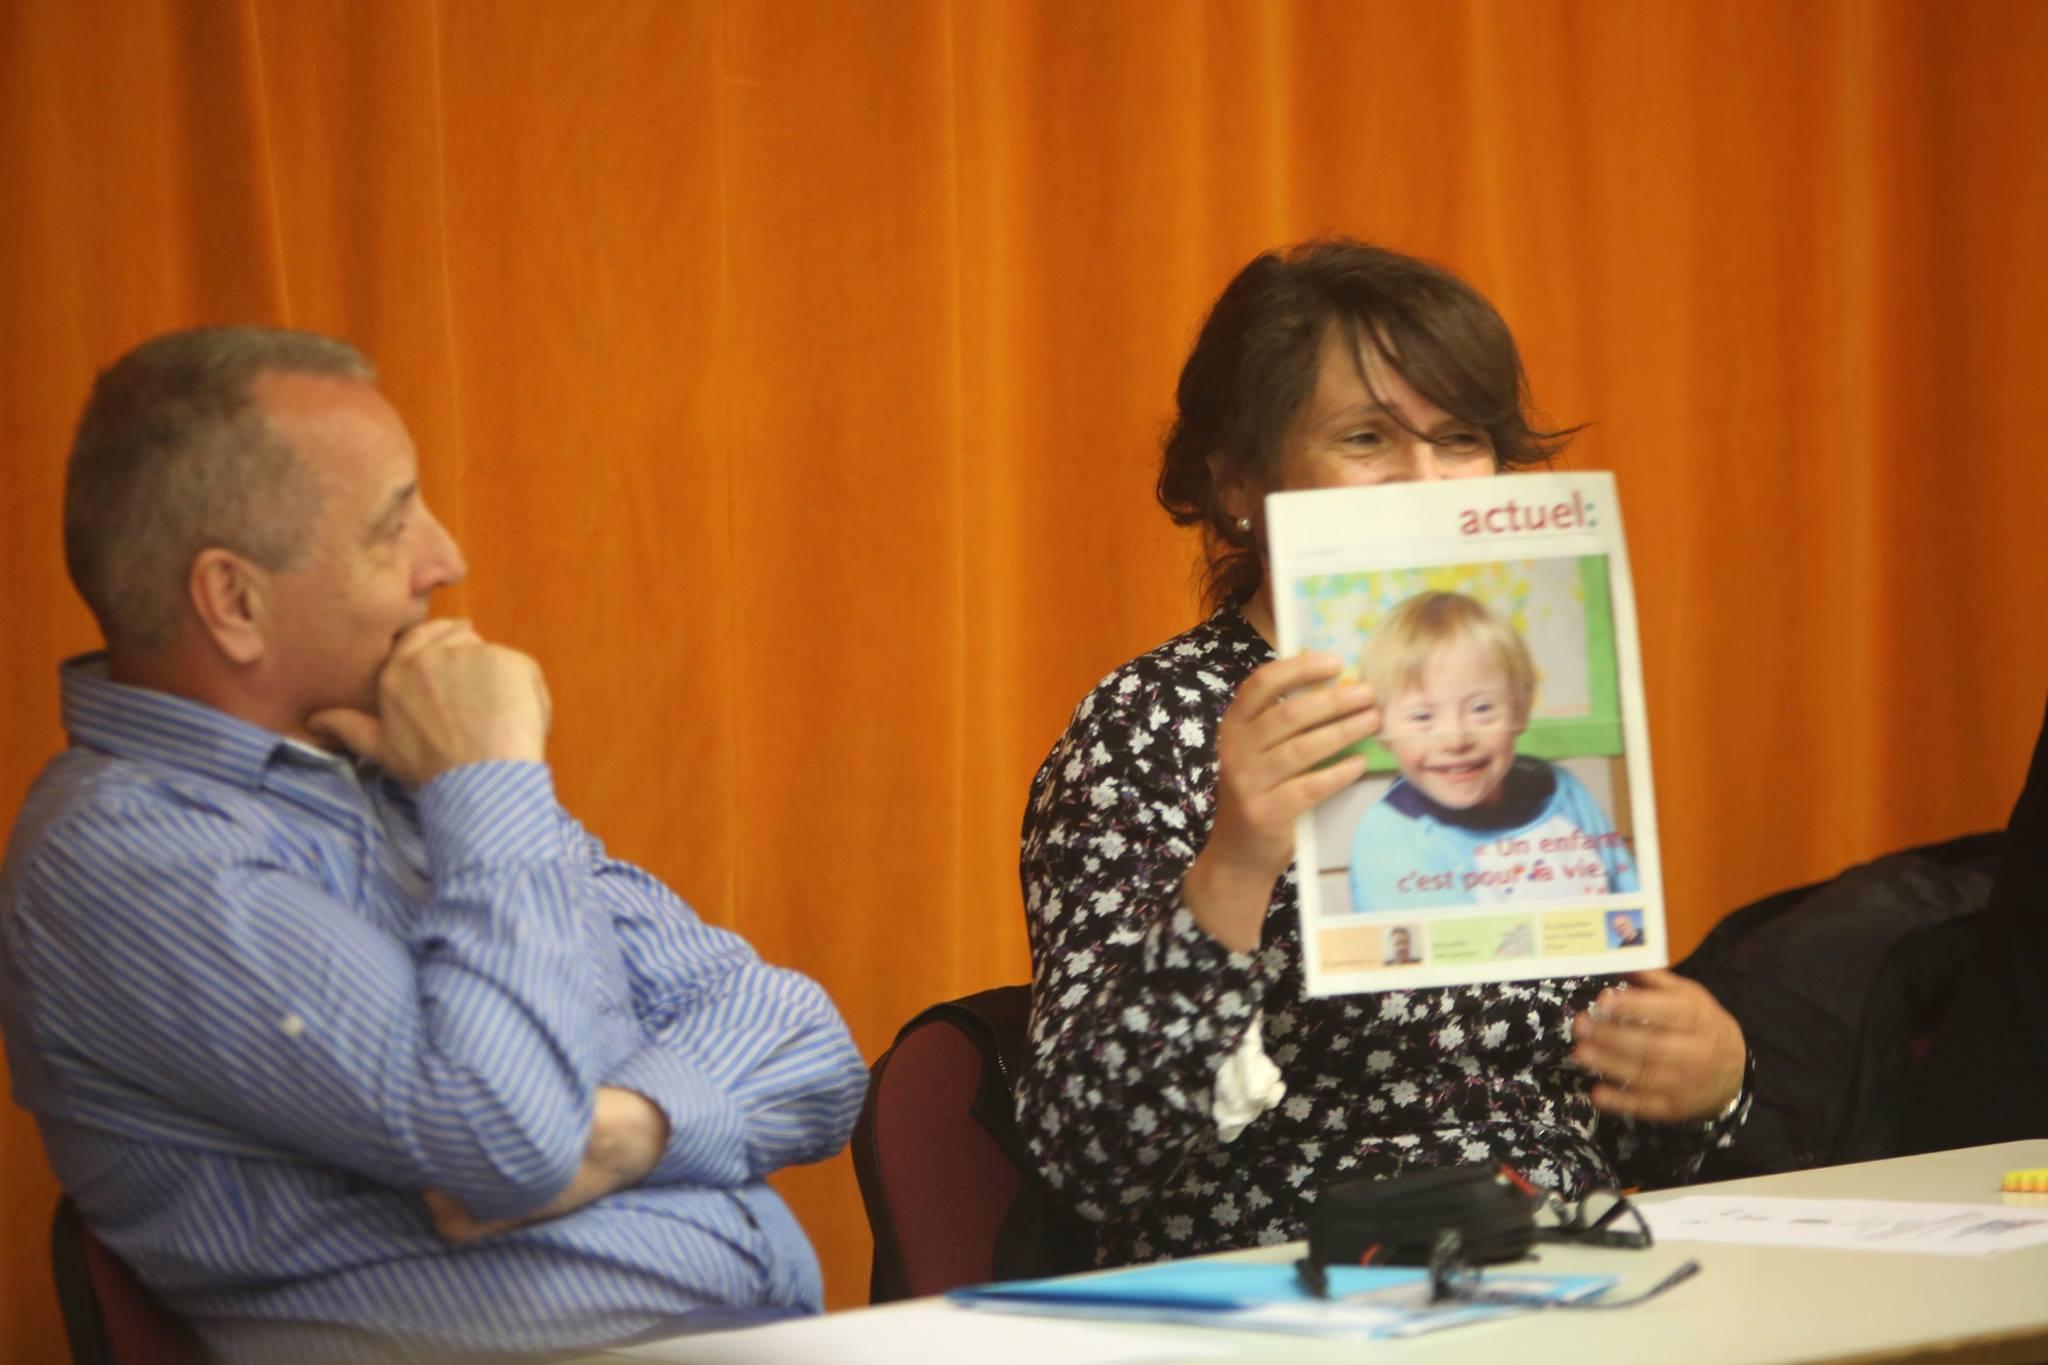 participante mostra foto de menino com sindrome de down.